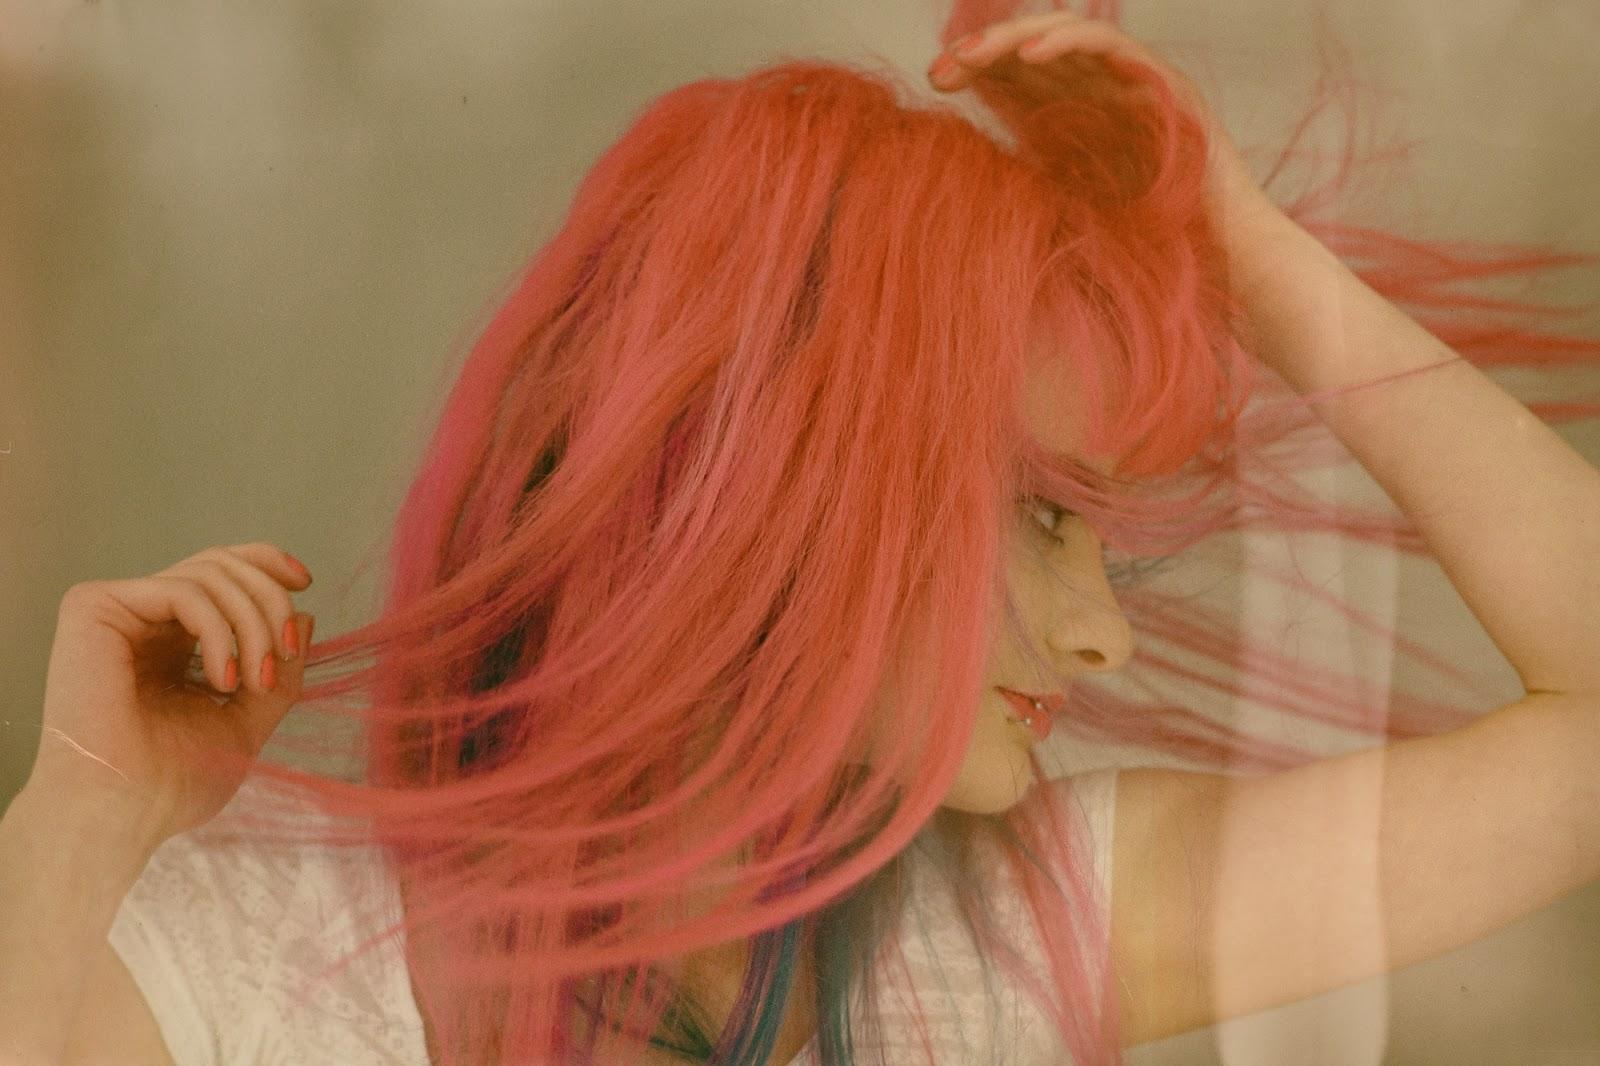 Ich schüttele meine rosa Haare durch die Gegend.